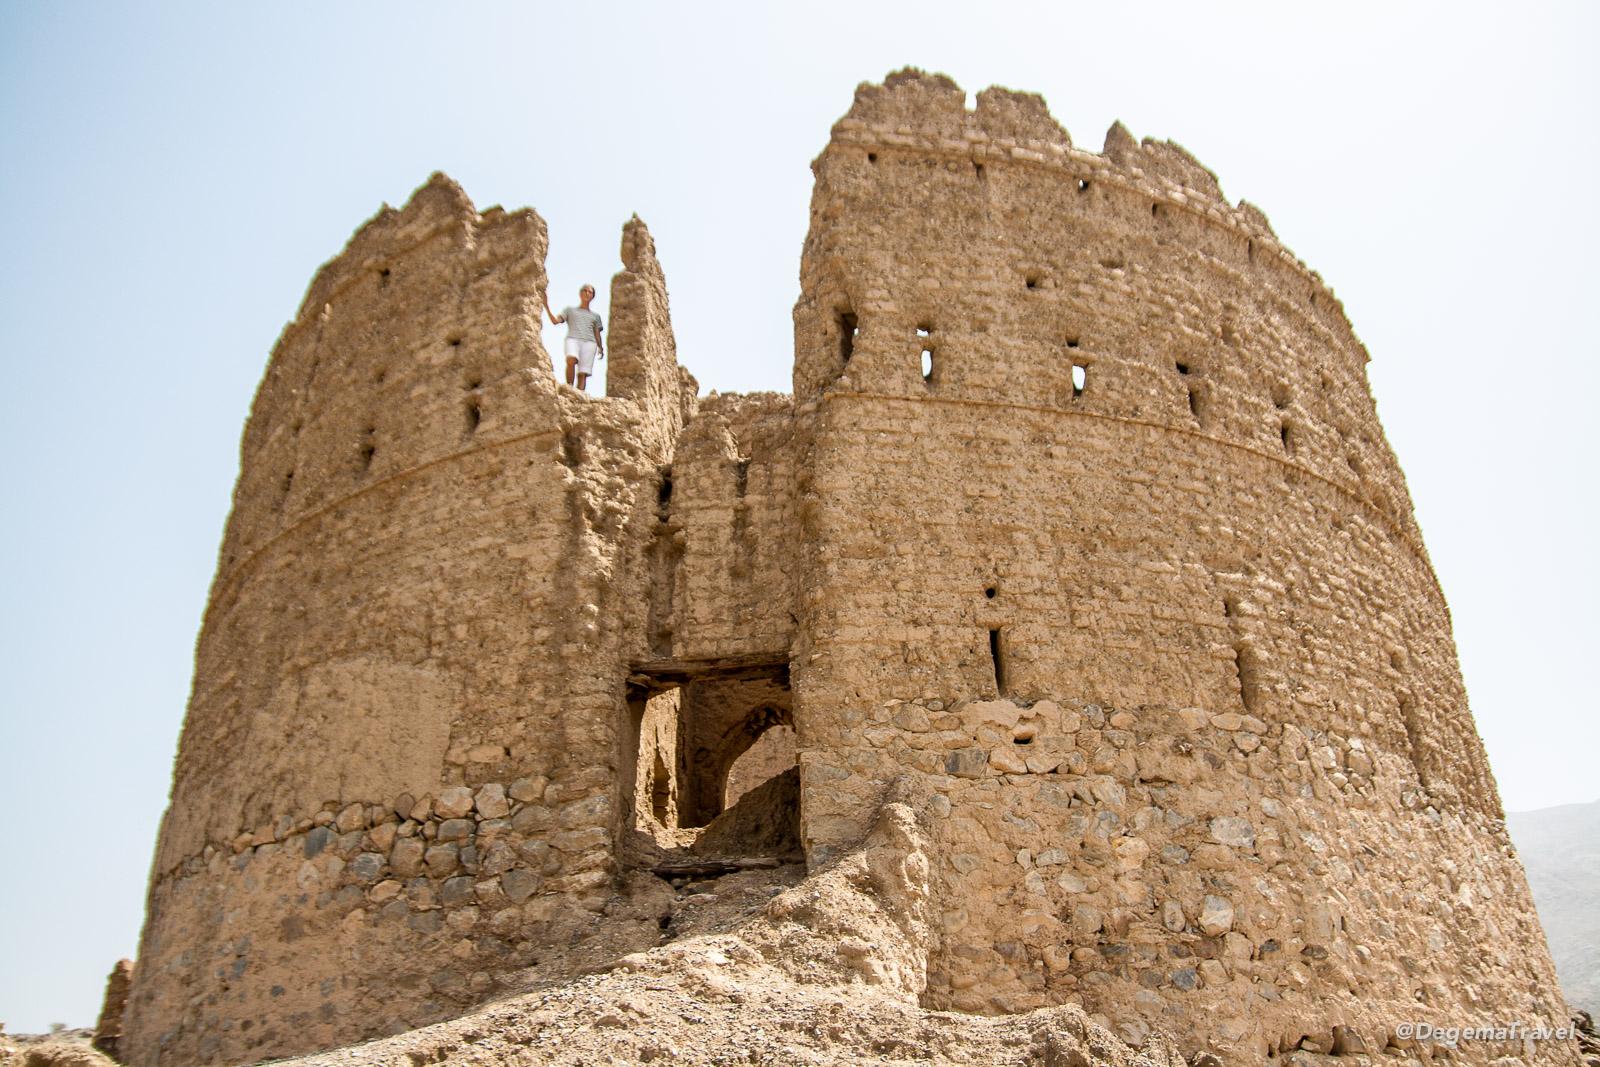 Urbex at a random tower near Rustaq, Oman